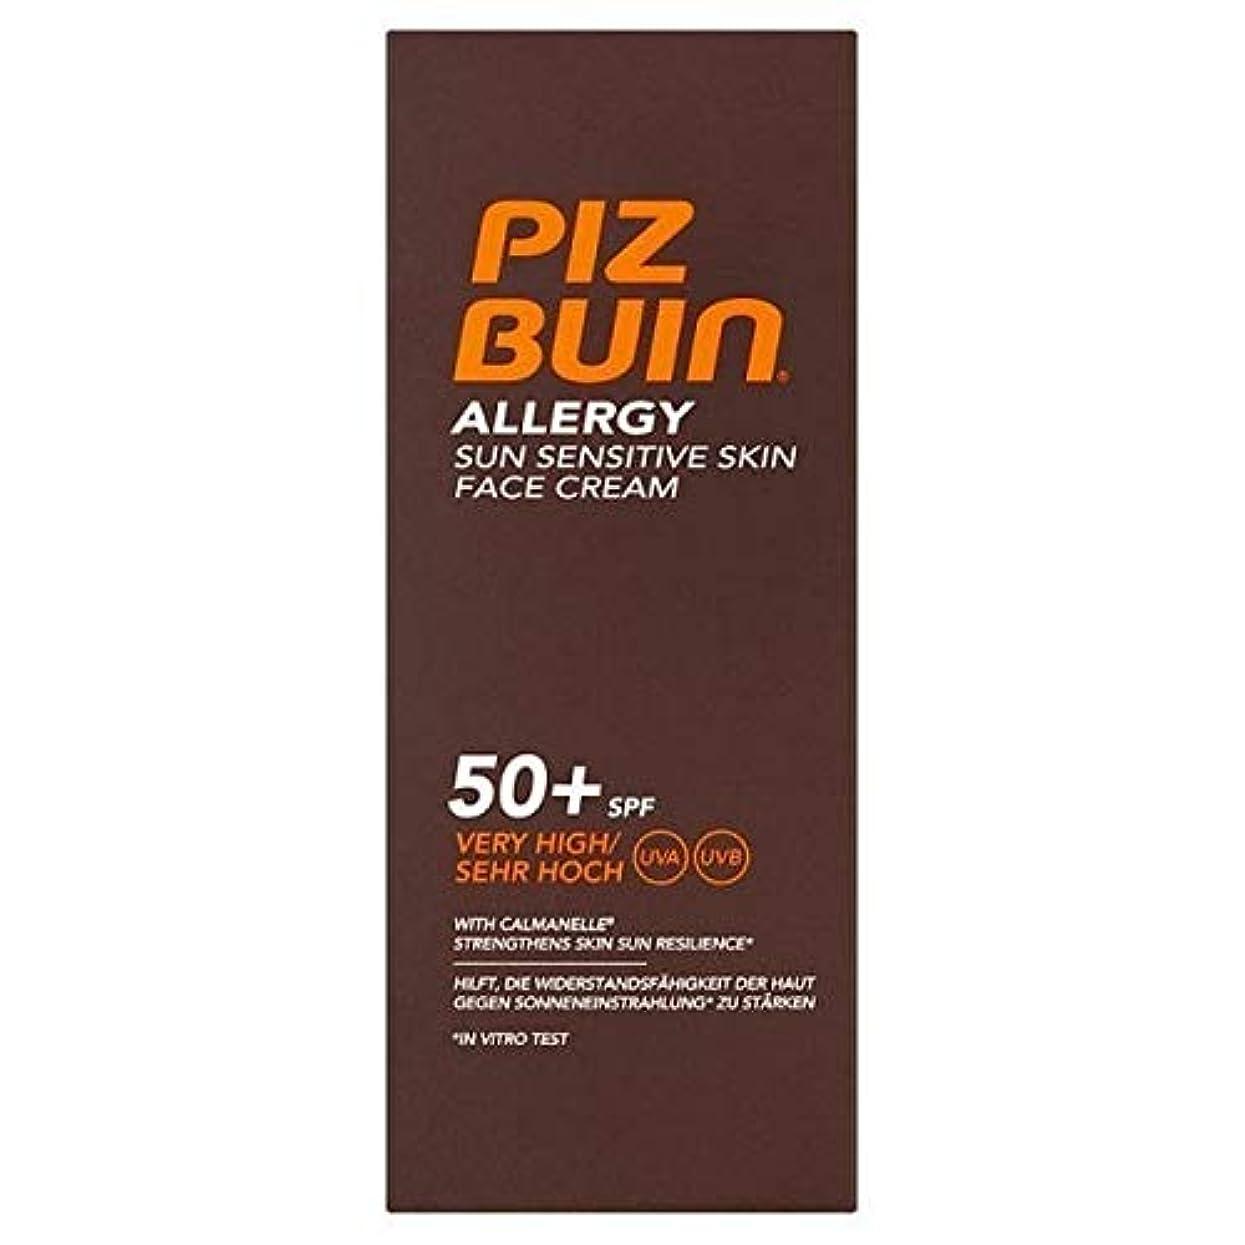 テザーアクセス防ぐ[Piz Buin] ピッツブーインアレルギーフェースクリームSpf 50+非常に高い40ミリリットル - Piz Buin Allergy Face Cream SPF 50+ Very High 40ml [並行輸入品]